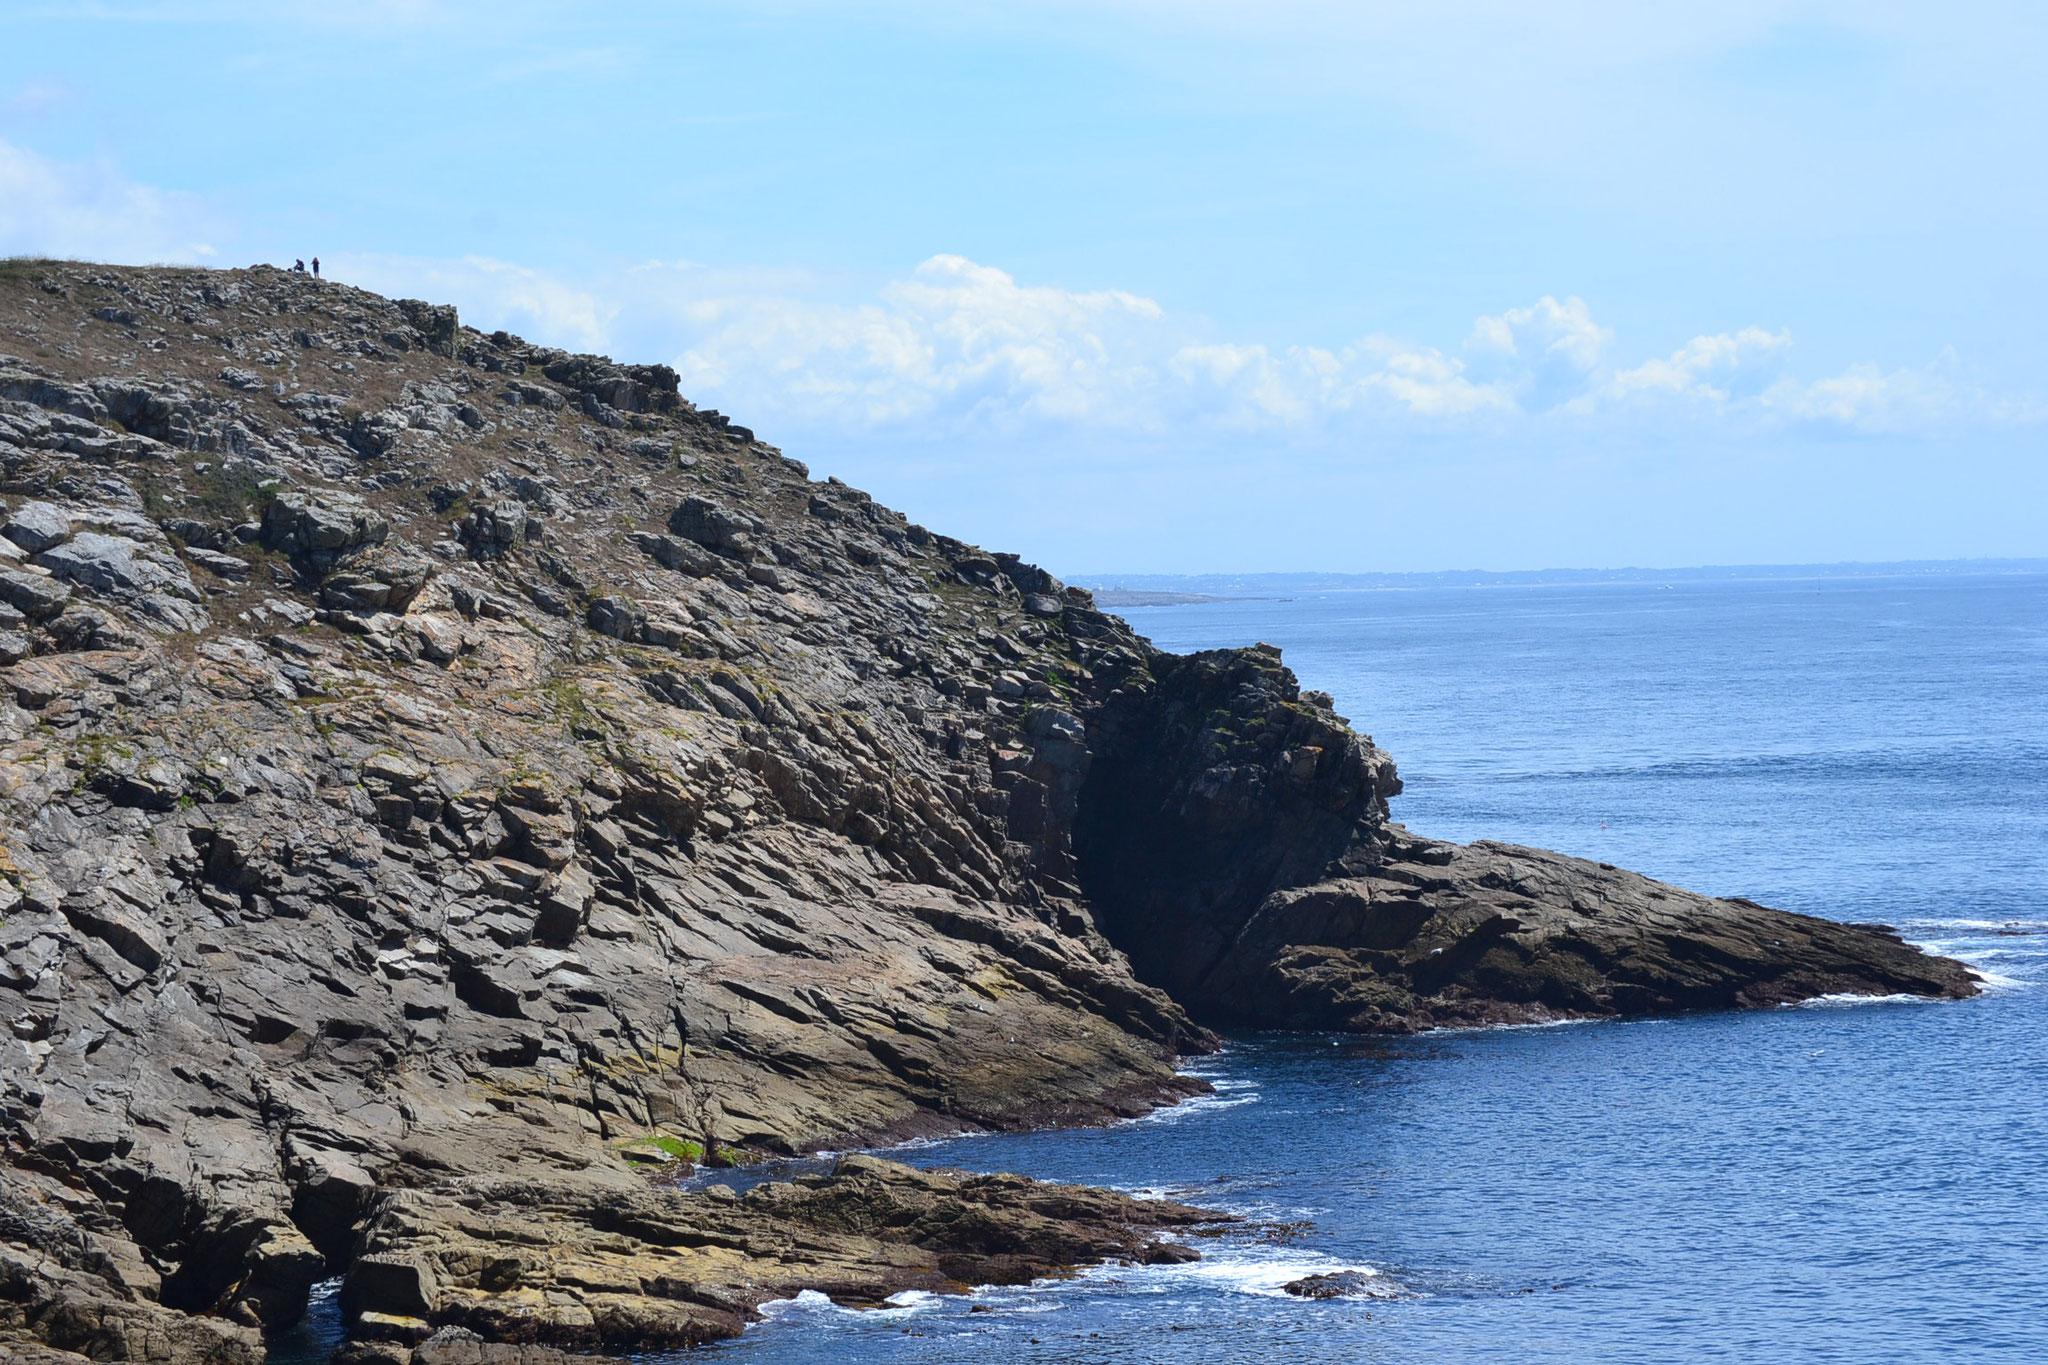 la falaise où EDF envisageait une centrale nucléaire dans les années 70